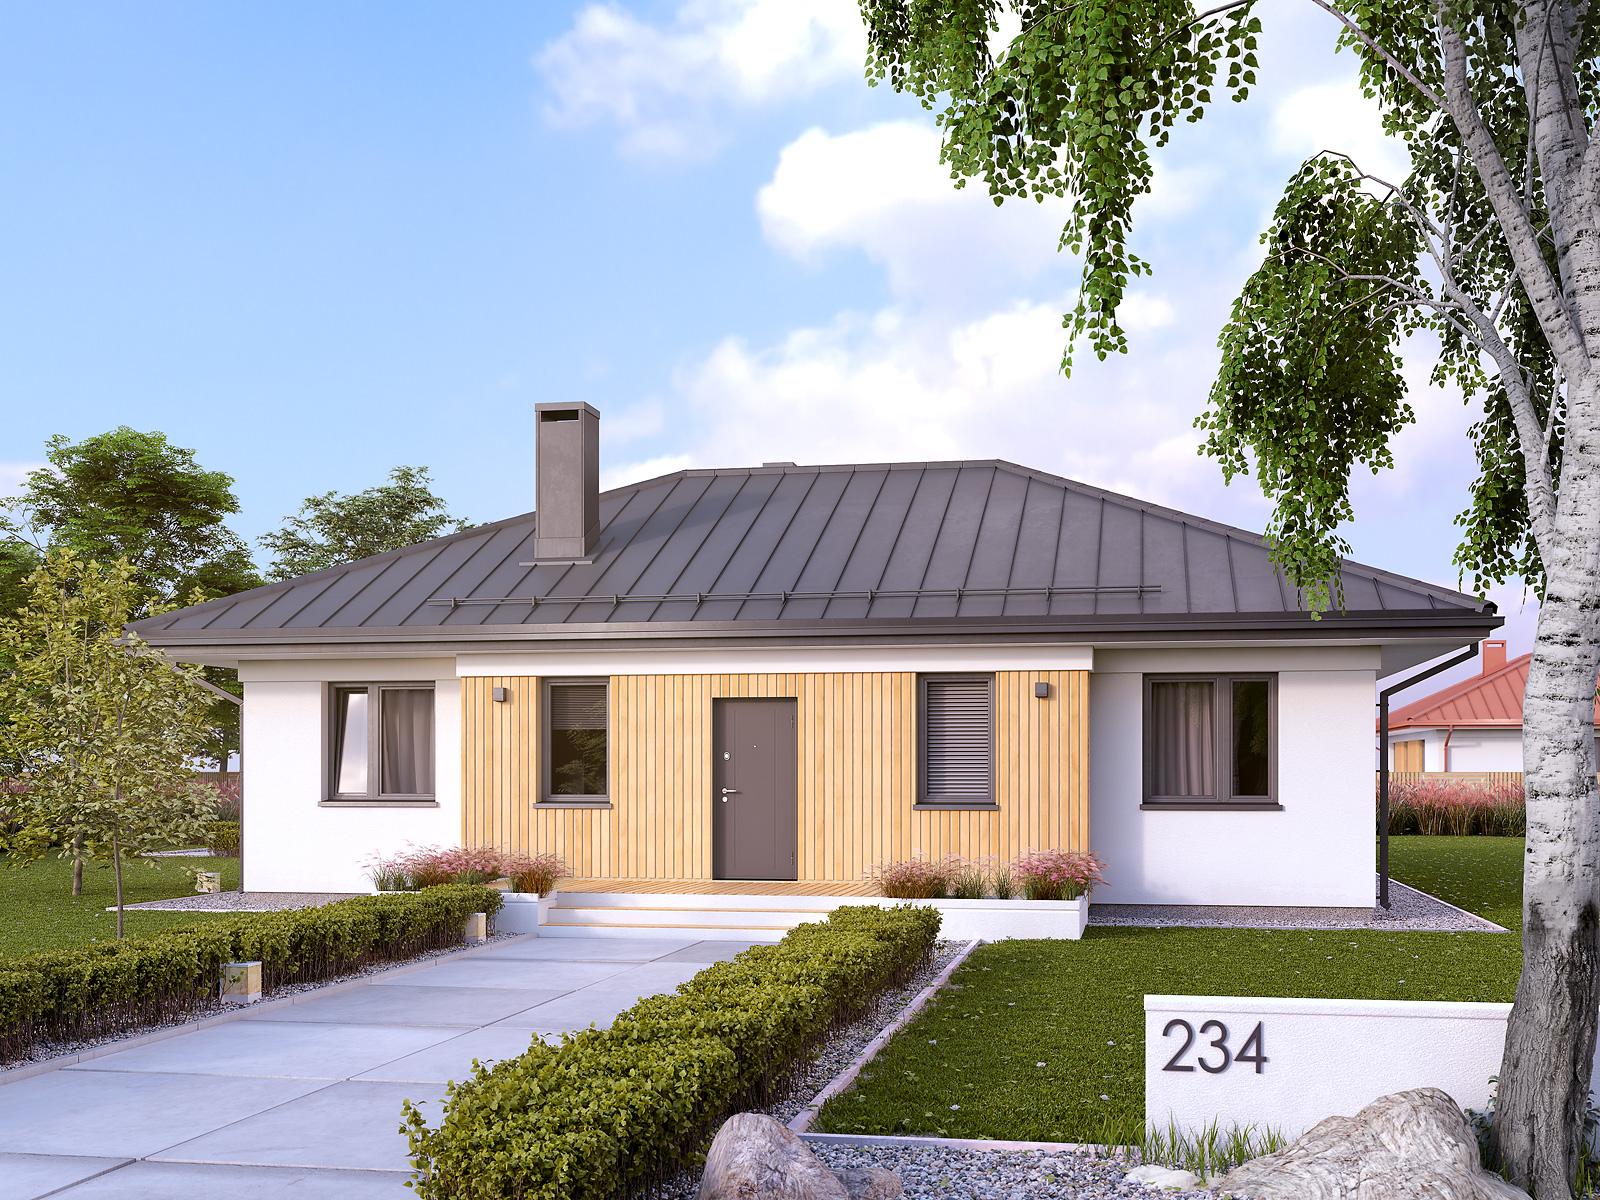 dom jednopiętrowy